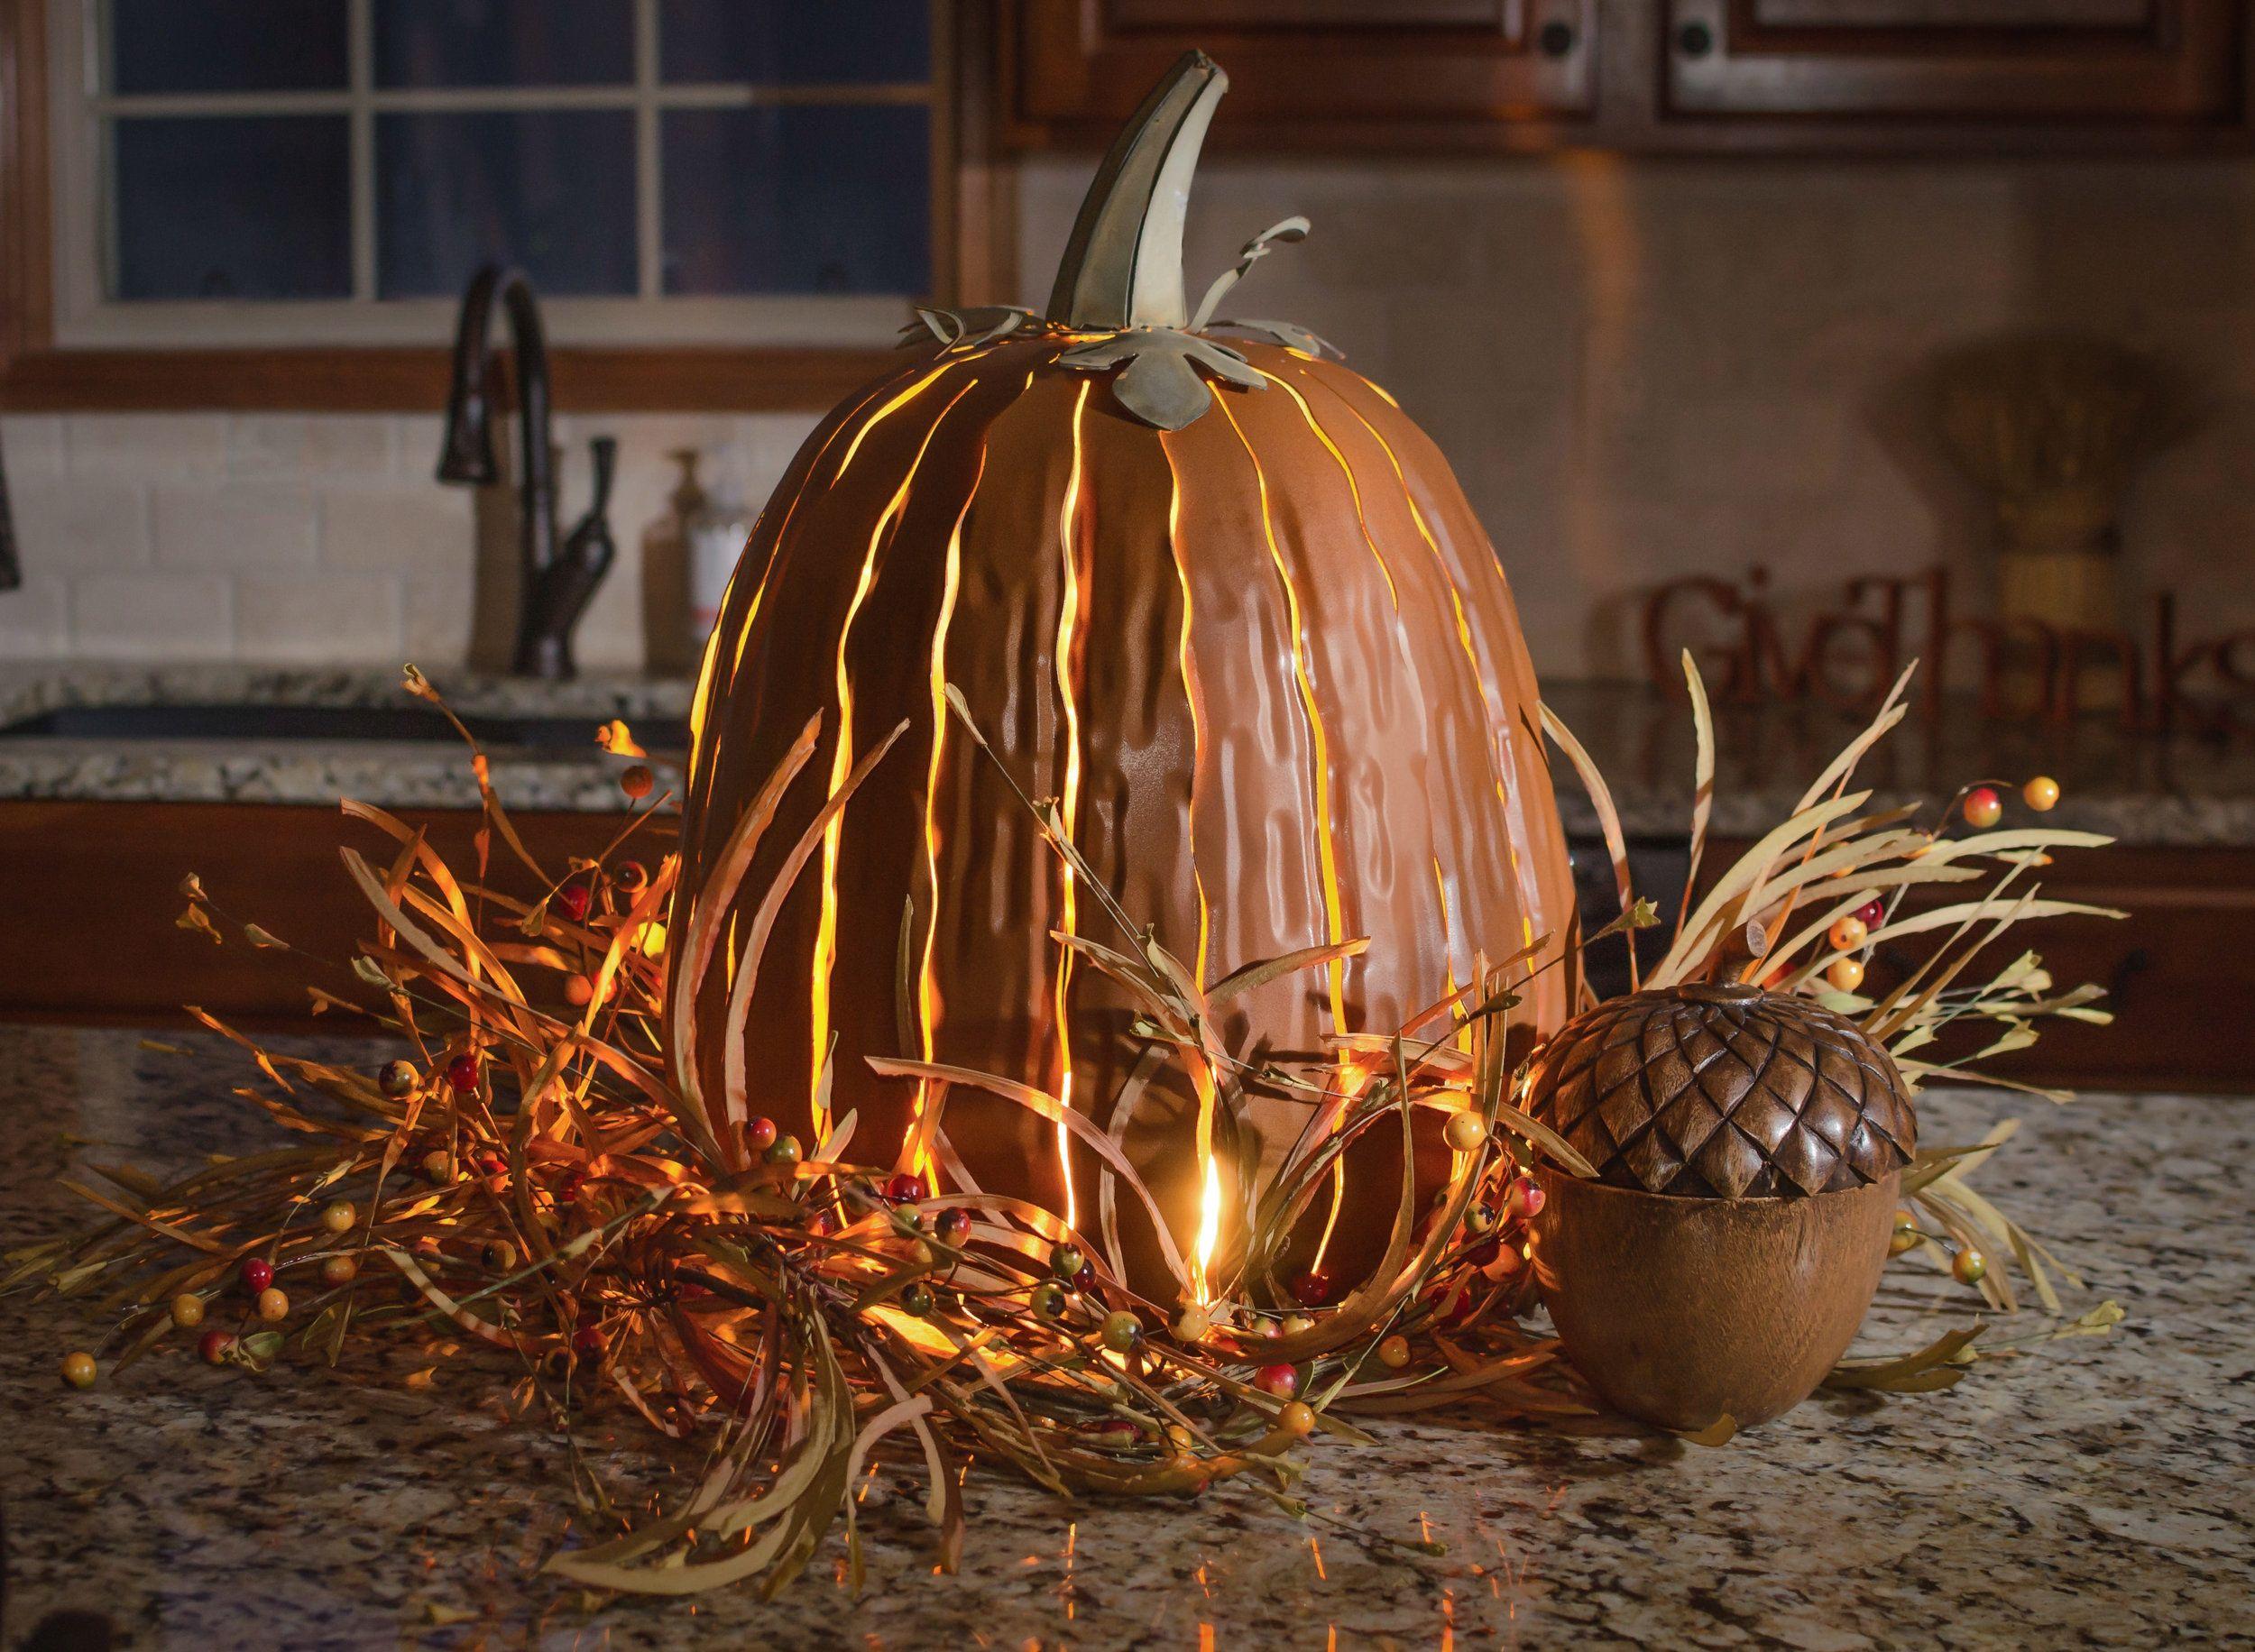 Tall pumpkin luminary in 2018 Favorites Mine